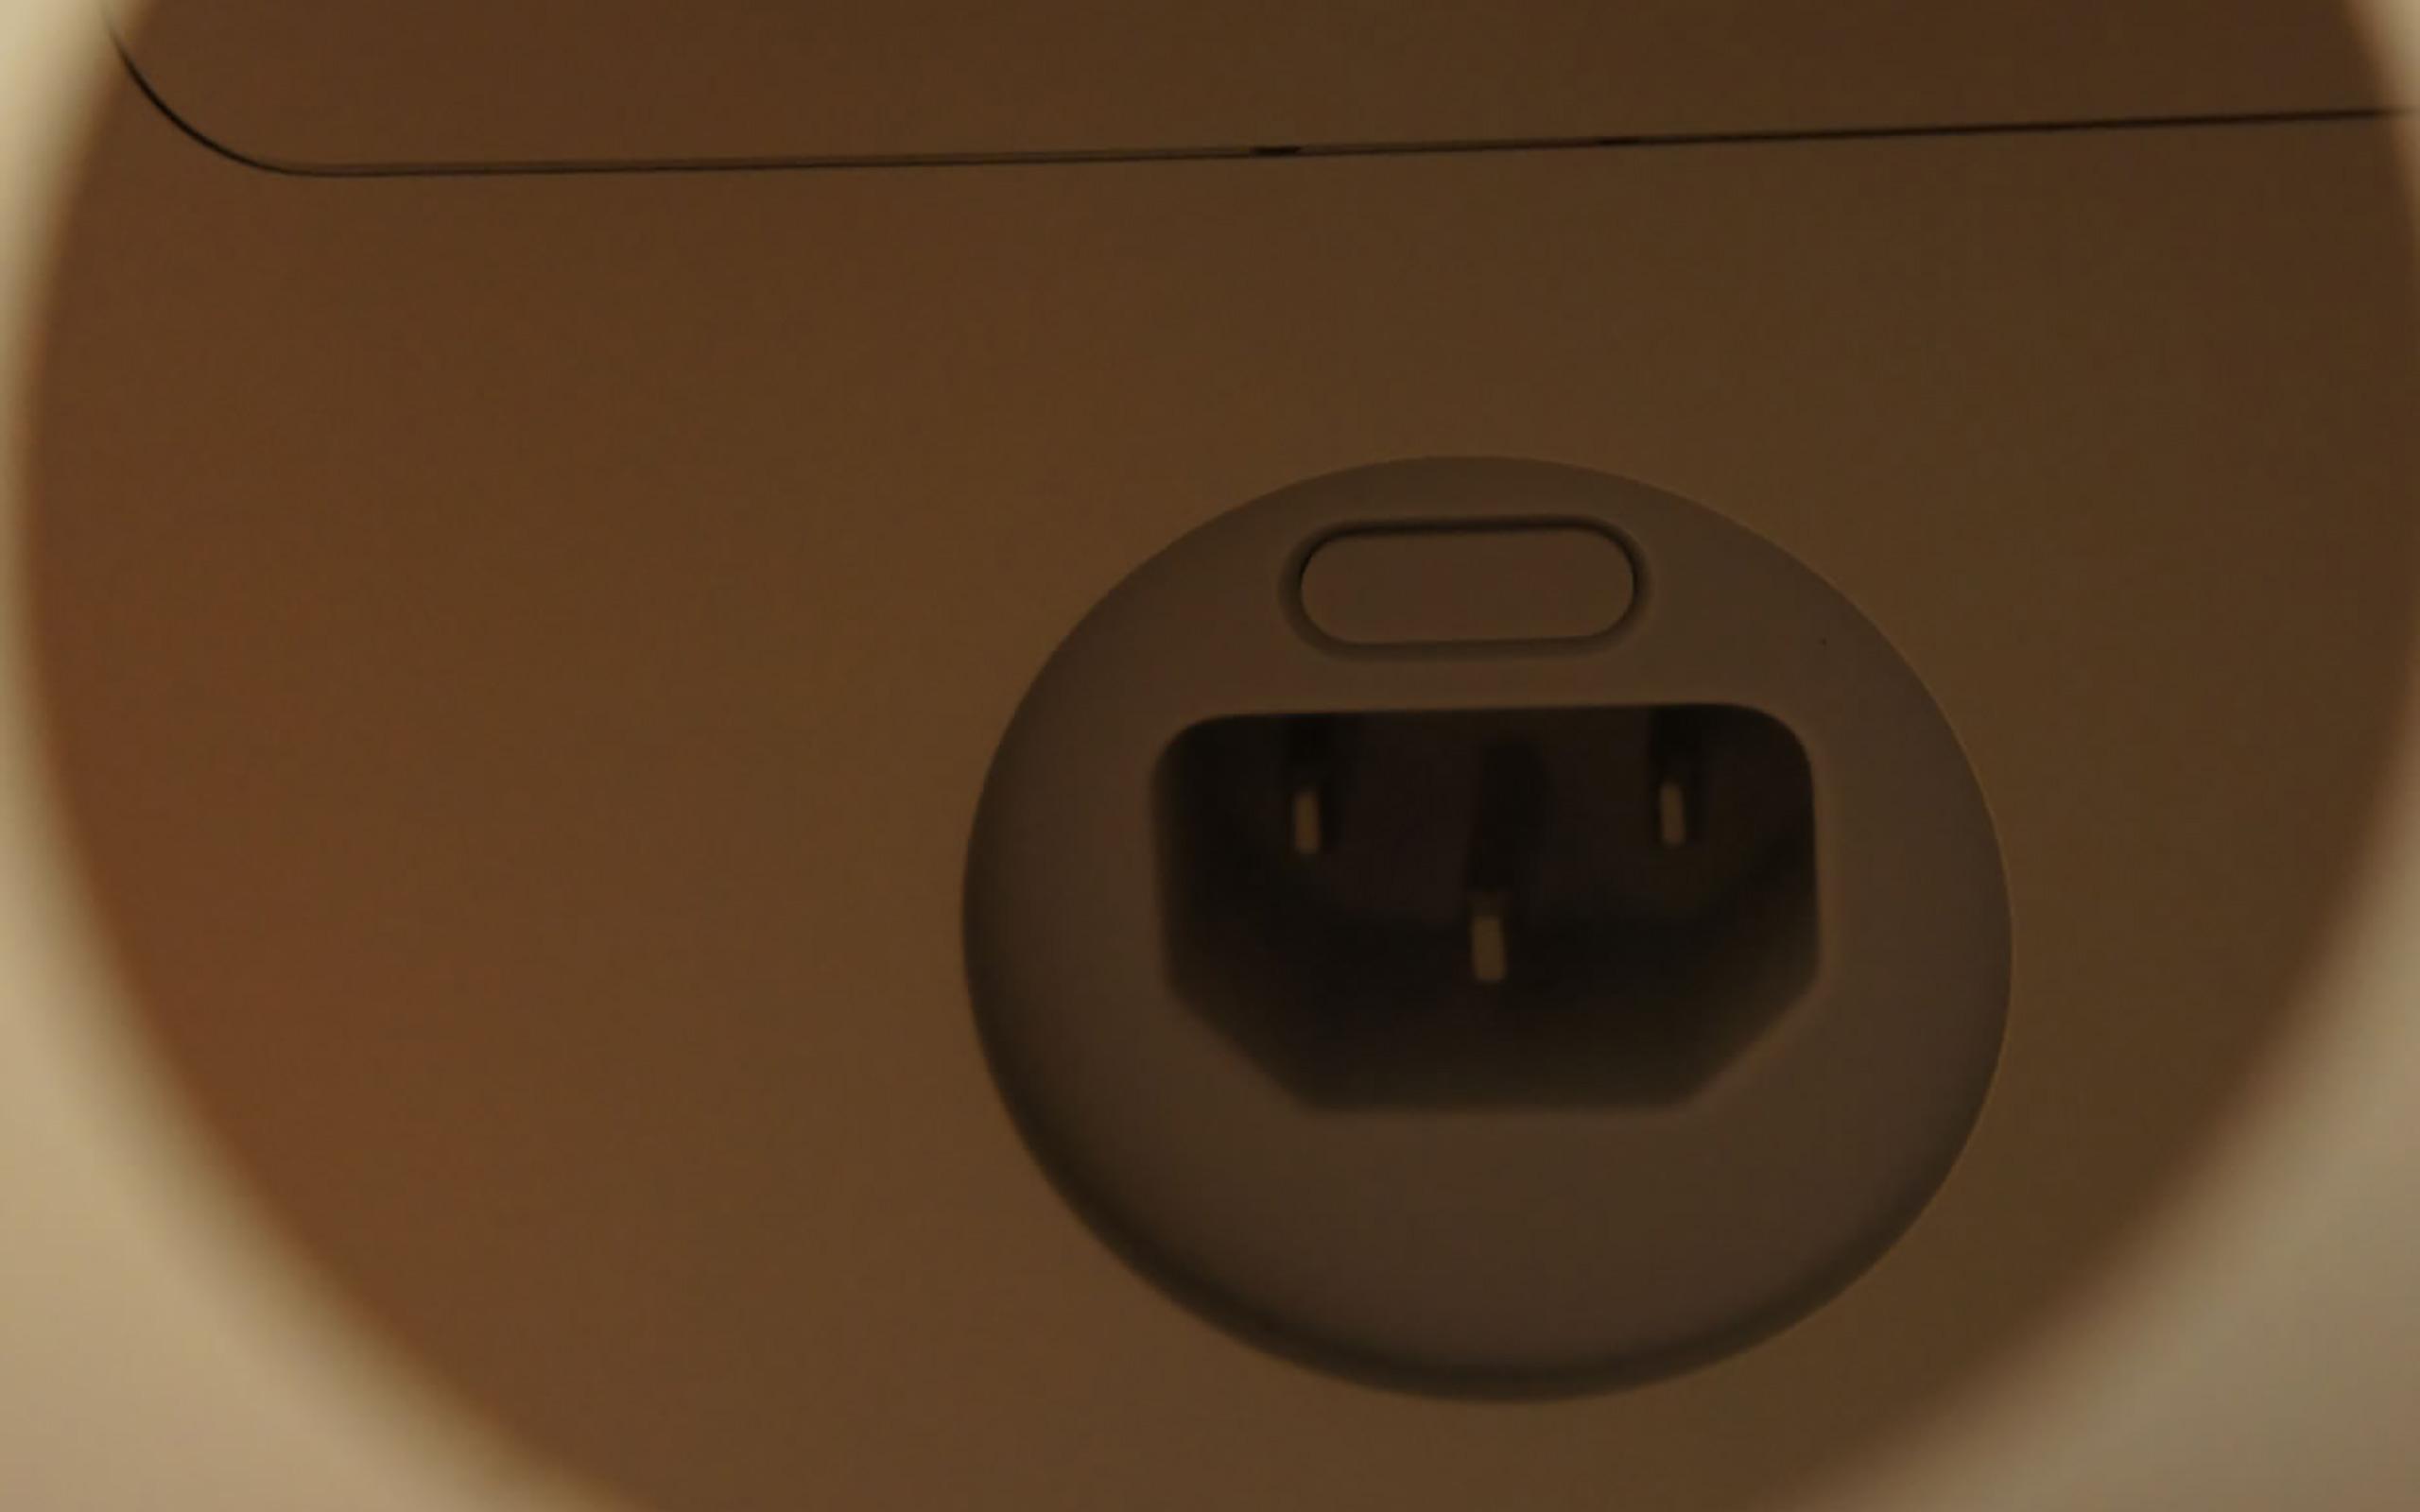 Die kleine graue Taste knapp über dem Netzanschluss drücken.